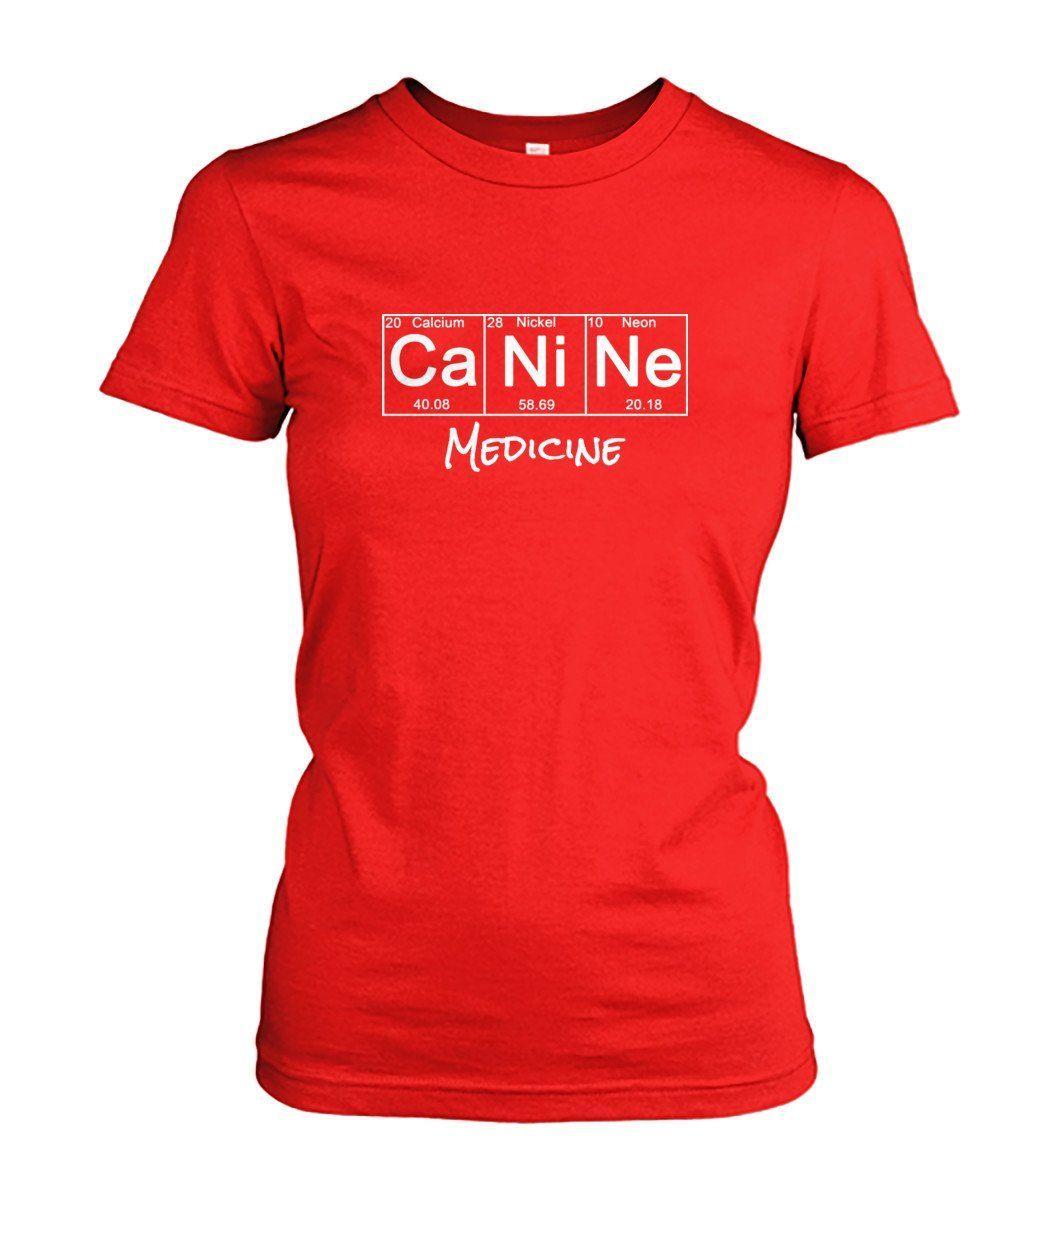 Periodic Table: Canine Medicine Women's Crew Tee